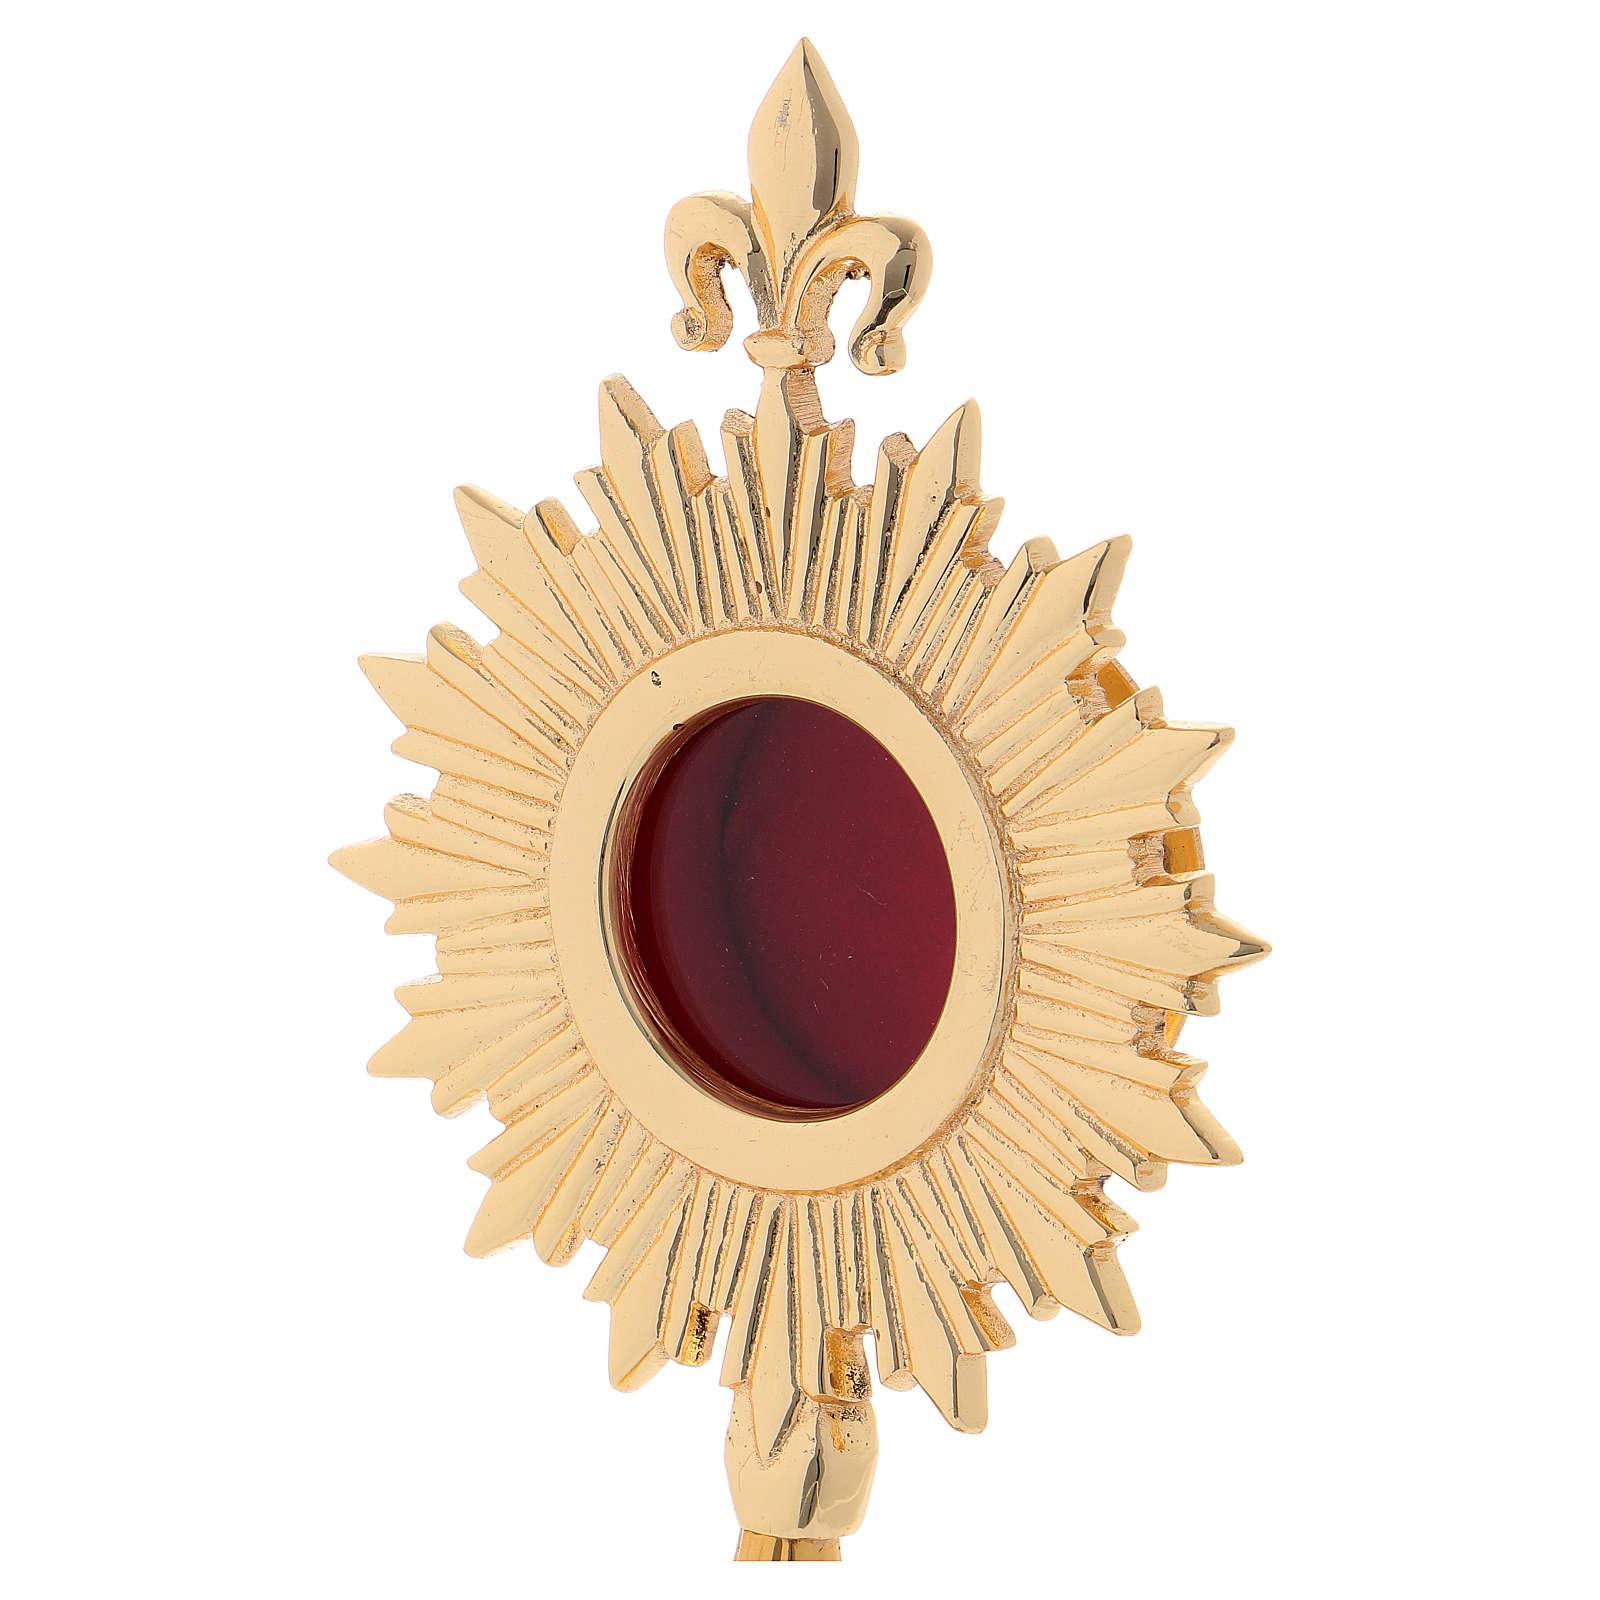 Reliquiario stile classico ottone dorato 24 cm 4